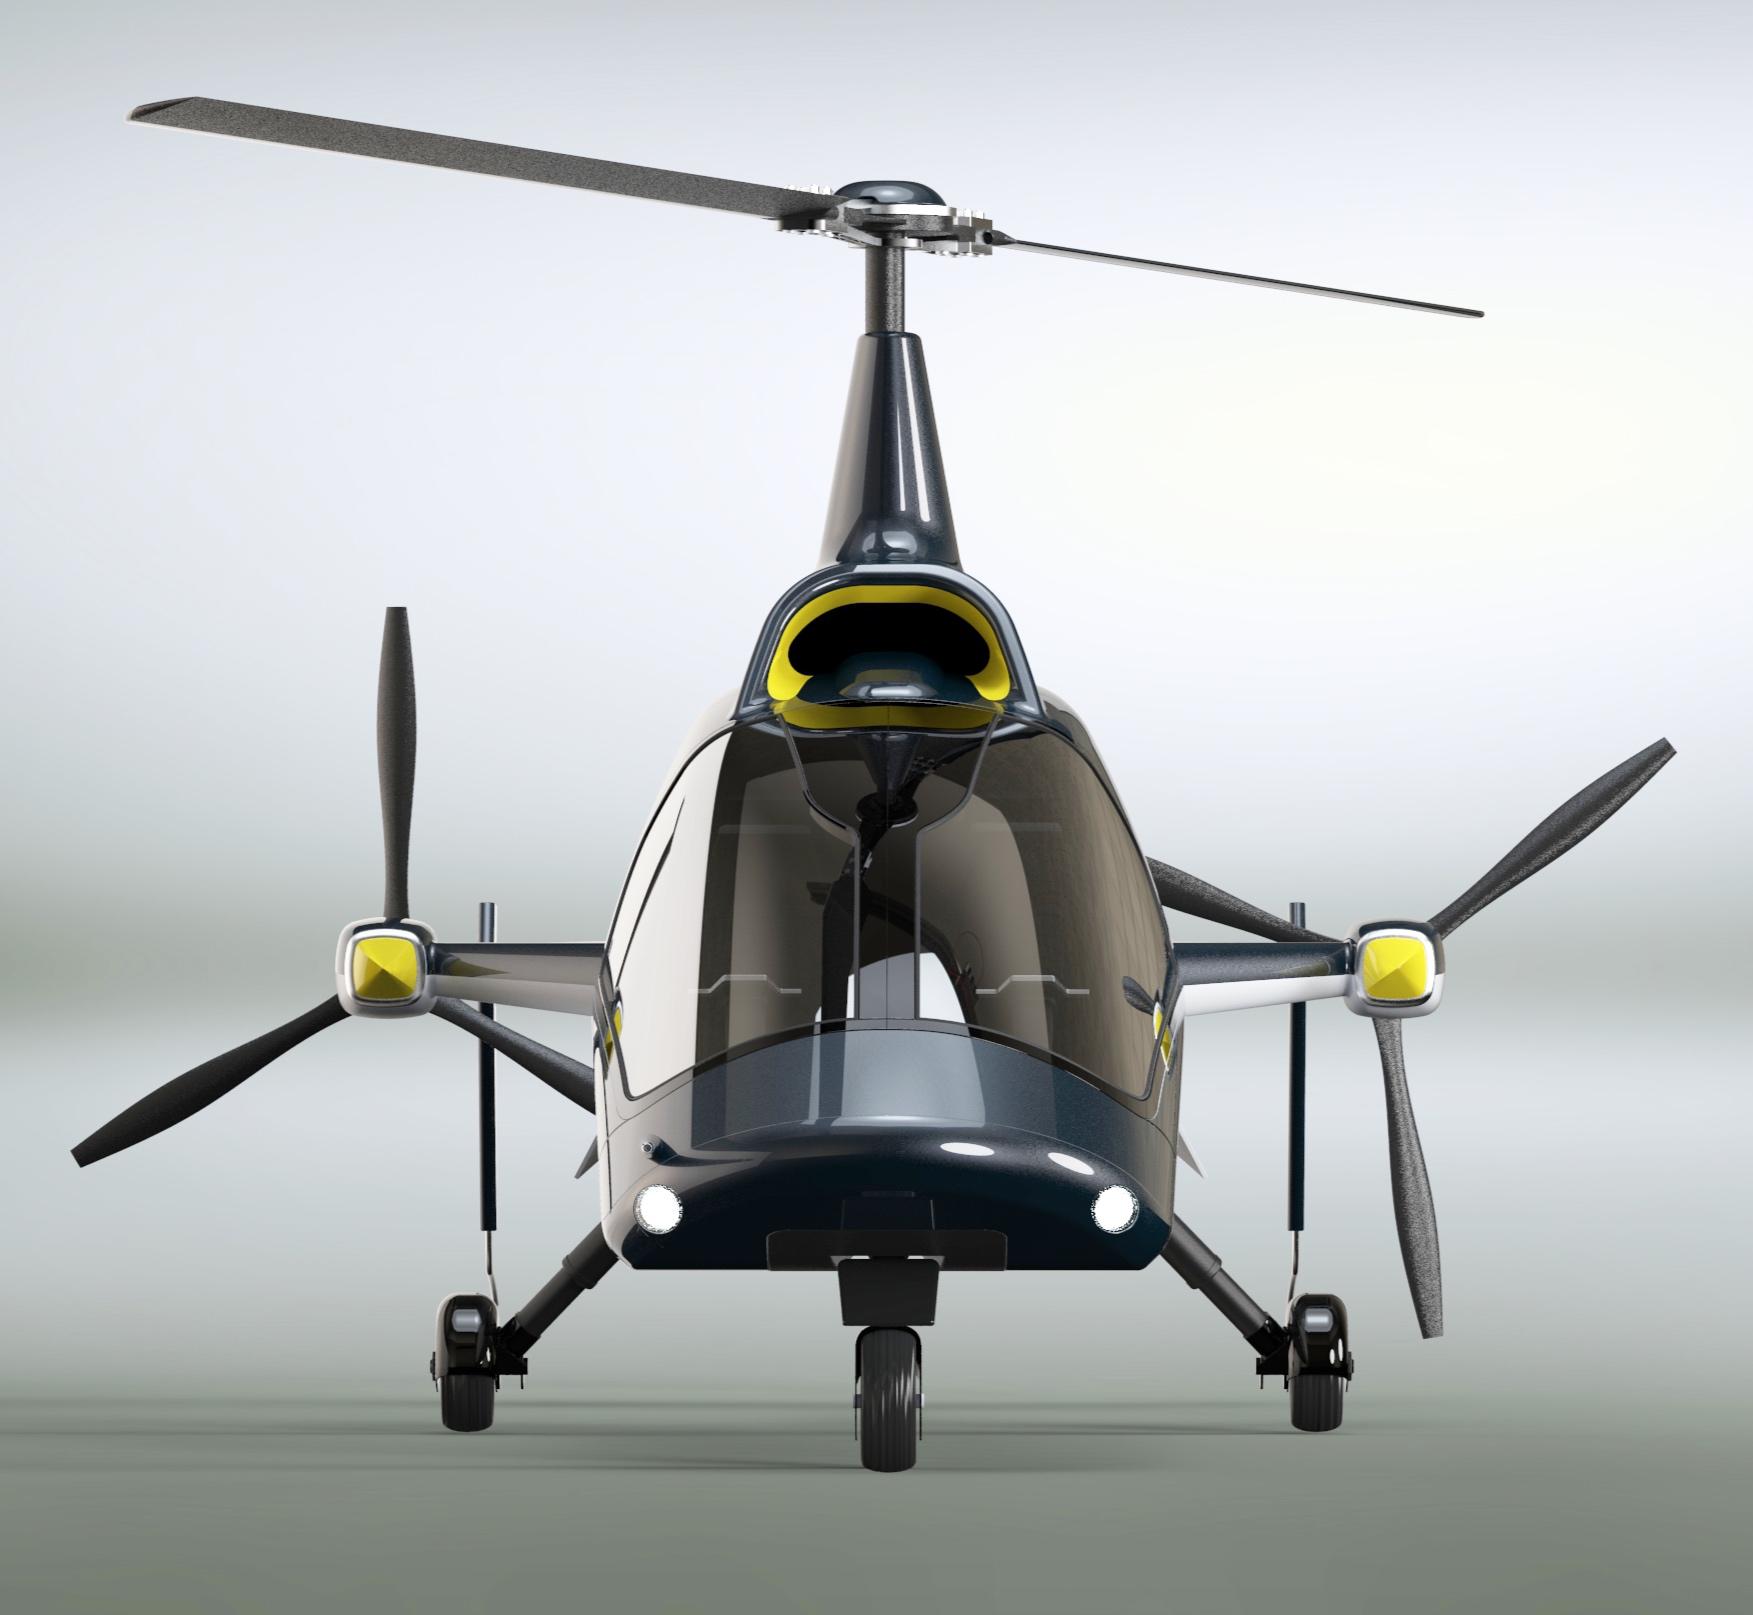 Wyzwanie projektowe? - Rozpoczynając ten projekt, miałem już wstępny zarys szkieletu z wyznaczonymi wszystkimi najważniejszymi punktami konstrukcyjnymi. Konstruktor lotniczy wyznaczył miejsce mocowania silników, wirników czy skrzydeł. Wyzwaniem było obudowanie w najbardziej aerodynamiczny kształt jak można. Ponieważ wiropłat nie ma zmiennych kątów natarcia wirnika, nie pochyla się w locie tak jak helikopter. Dlatego zależało mi, aby tak zaprojektować bryłę, by pomimo tego wyglądał równie dynamicznie.